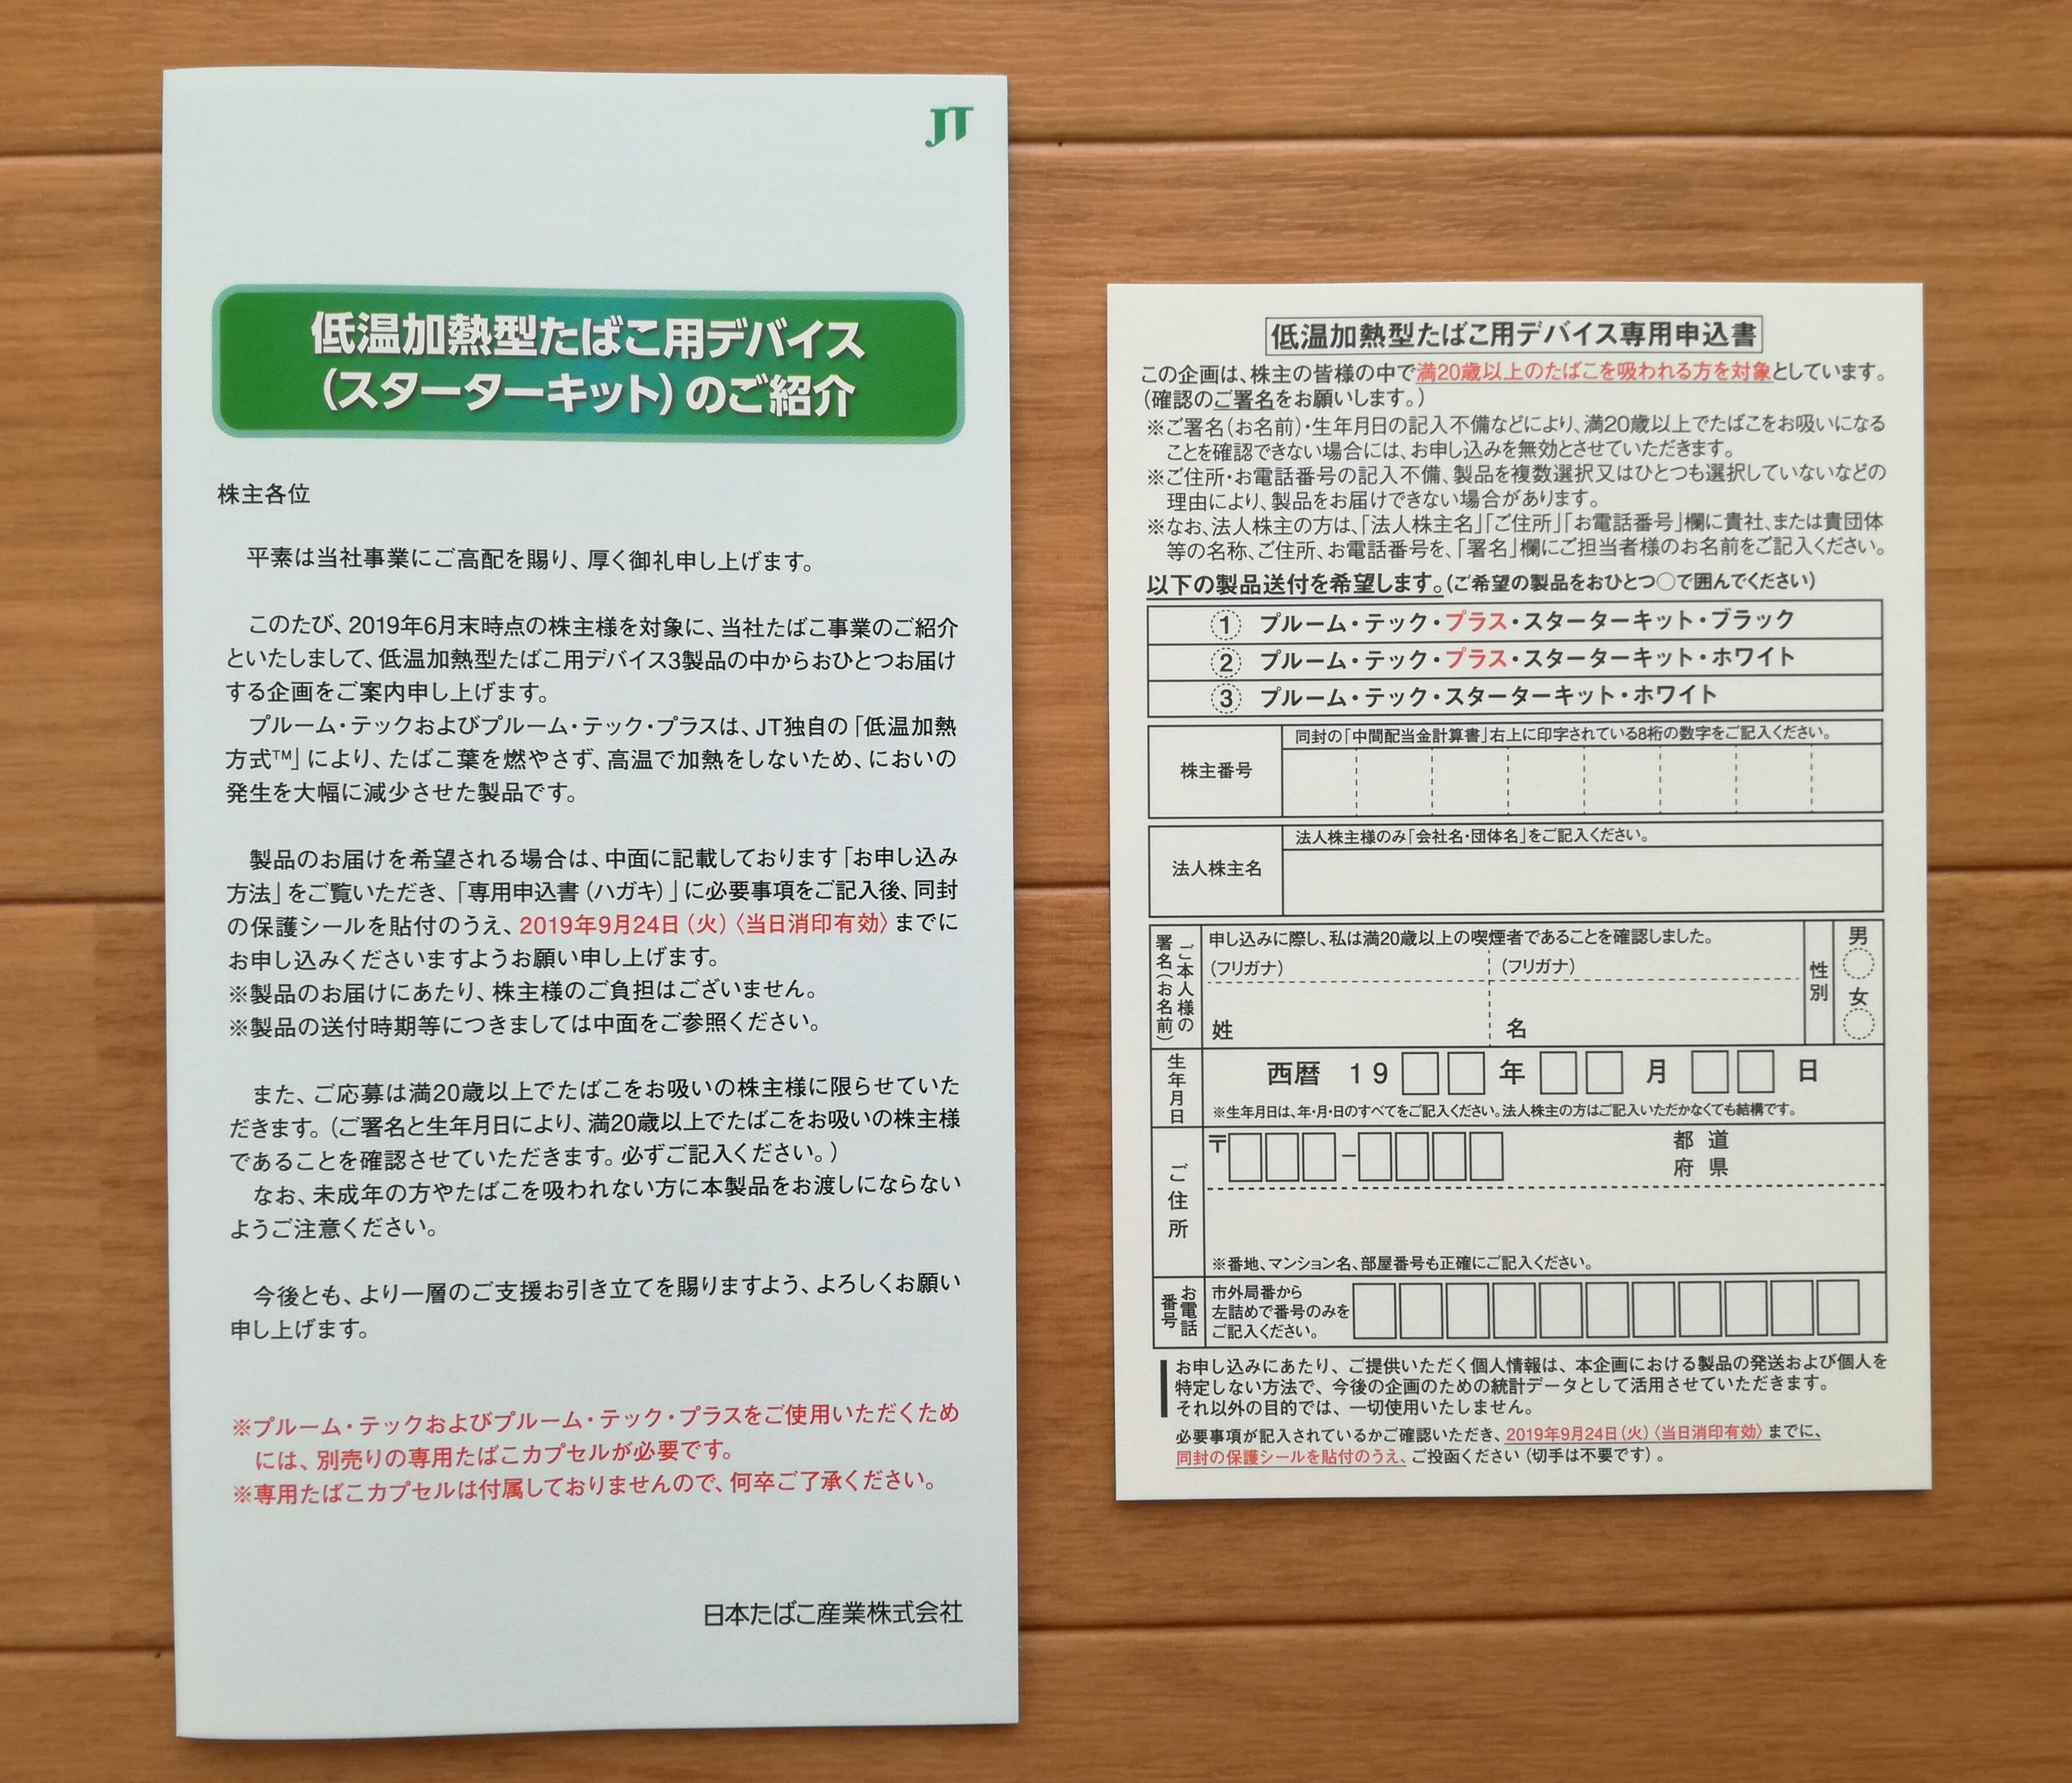 含み損は20万円目前!日本たばこ産業/JT(2914)から中間配当金と隠れ優待申込書が到着!